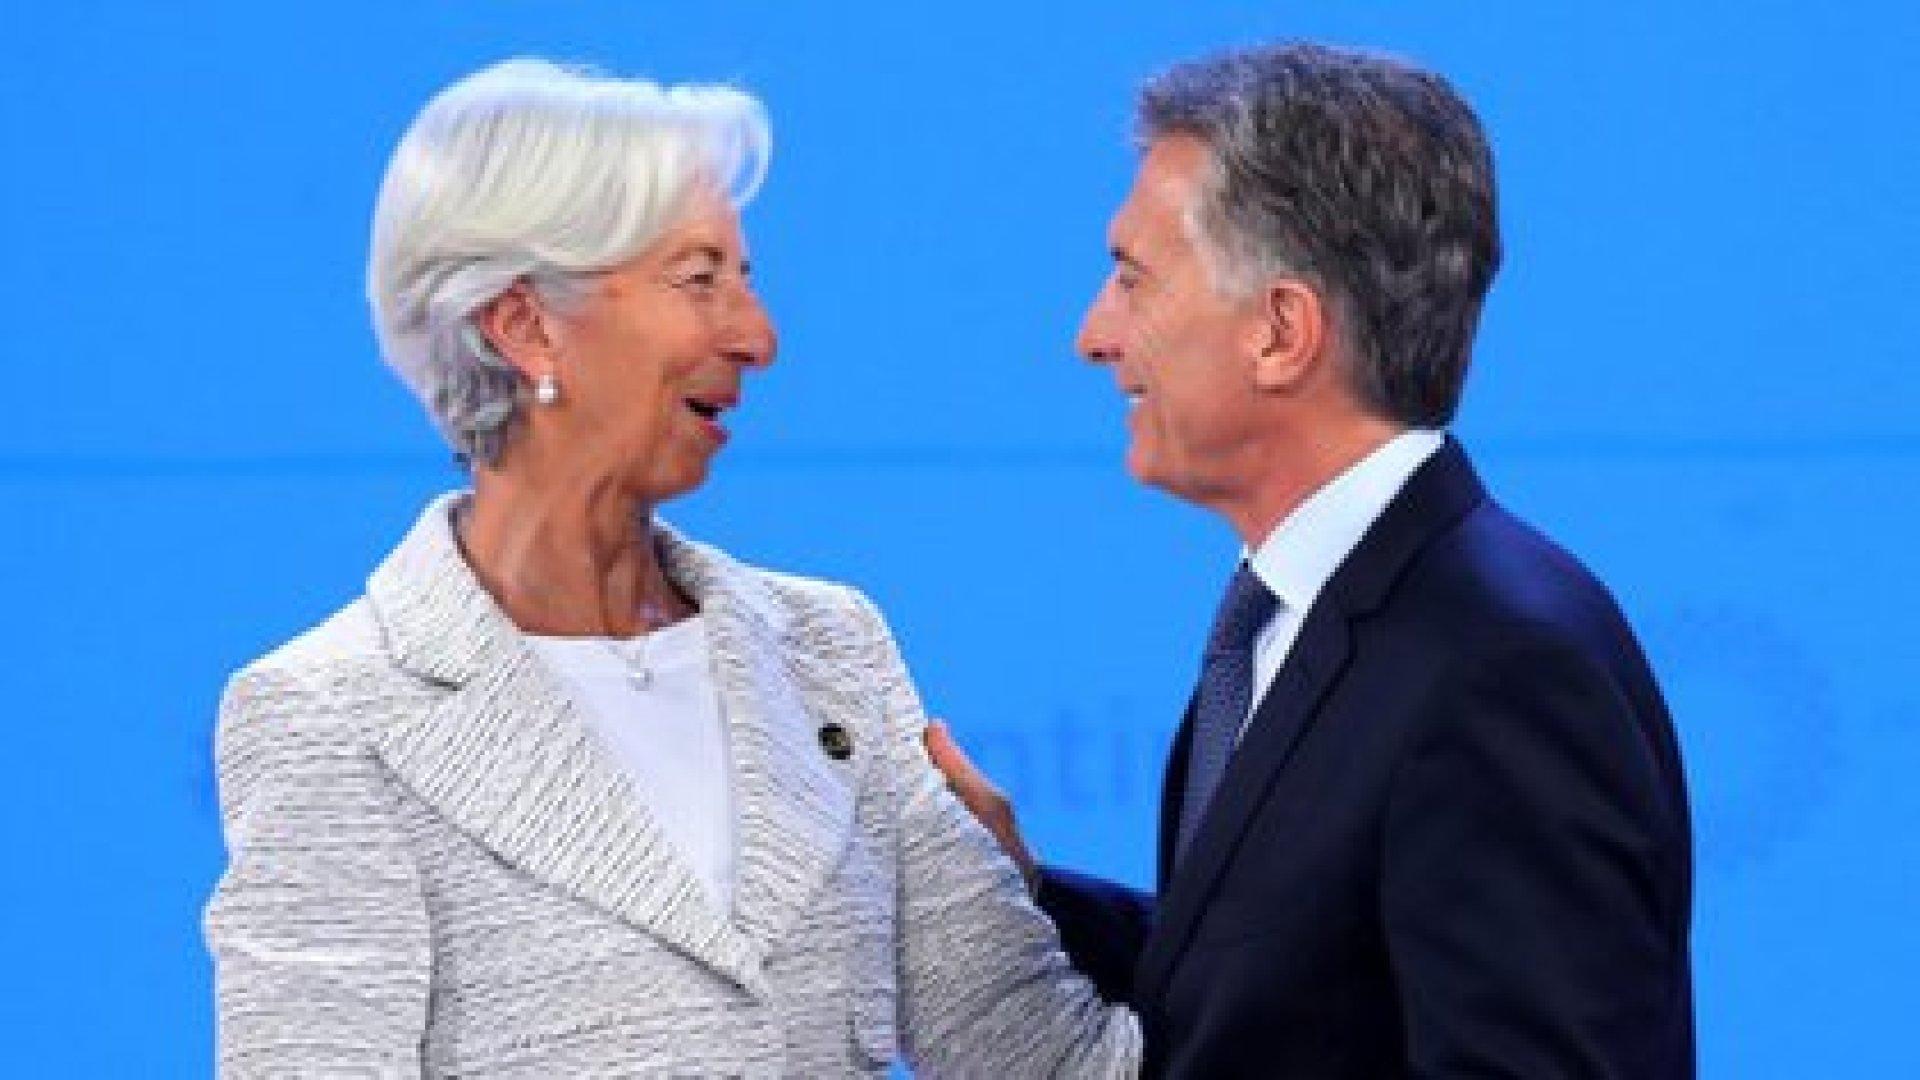 El Extended Fund Facility incluye plazos de repago más amplios de hasta 10 años, superior a lo previsto por el acuerdo Stand By que firmó la Argentina con el FMI en 2018